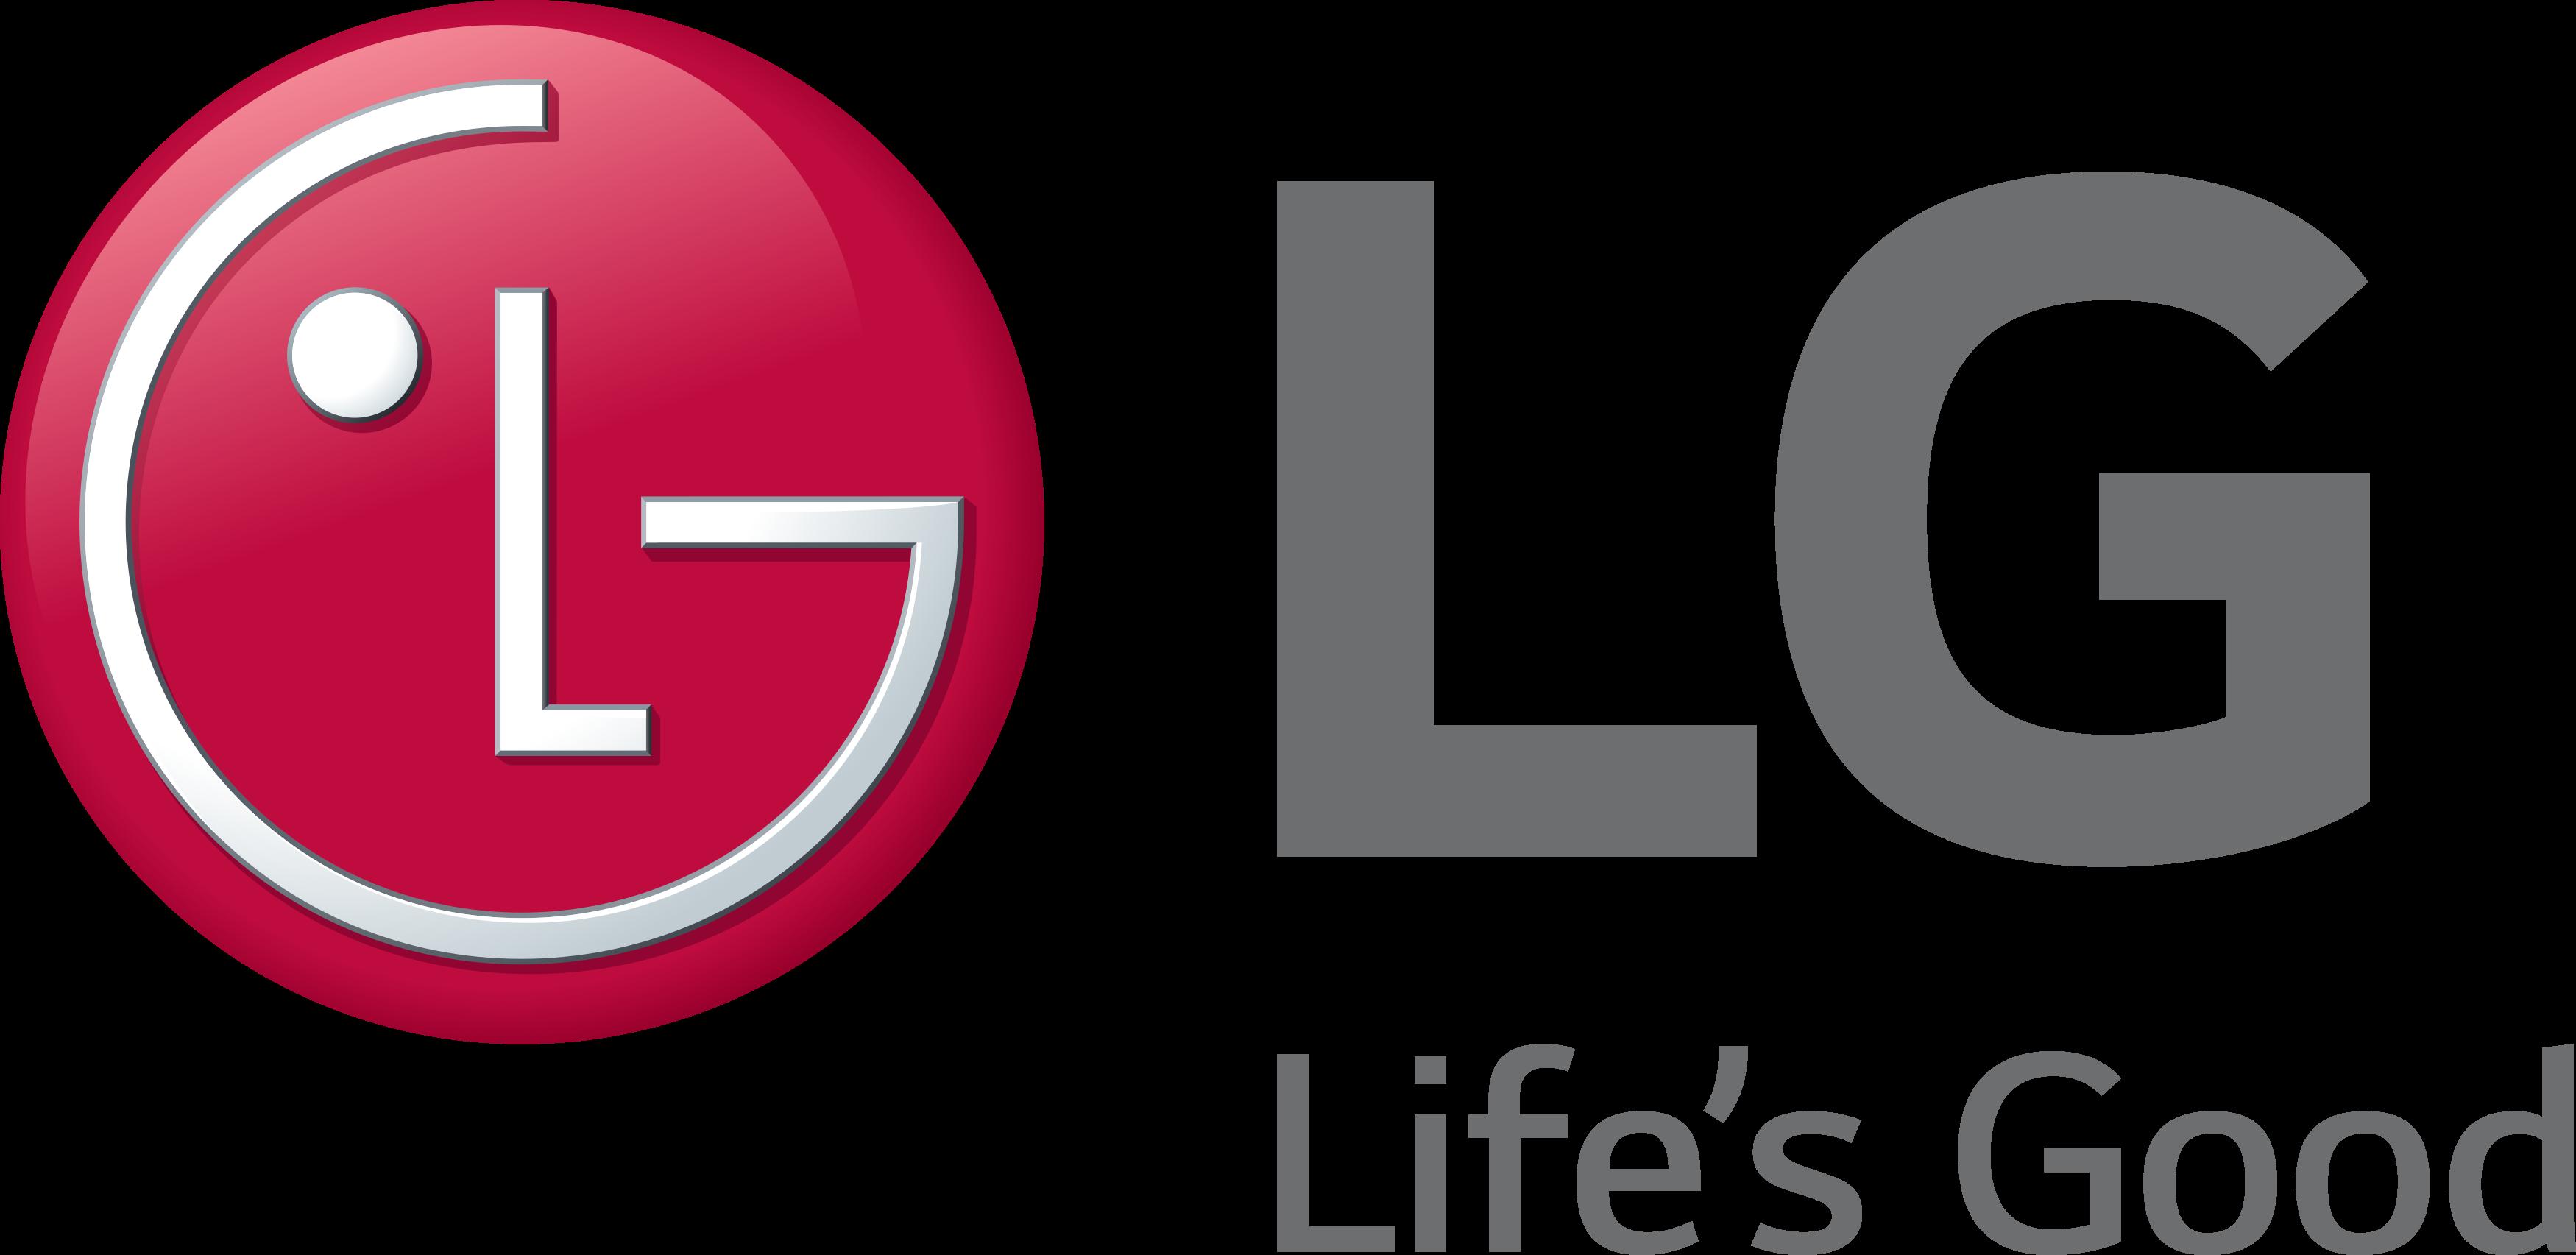 lg-logo-1-1